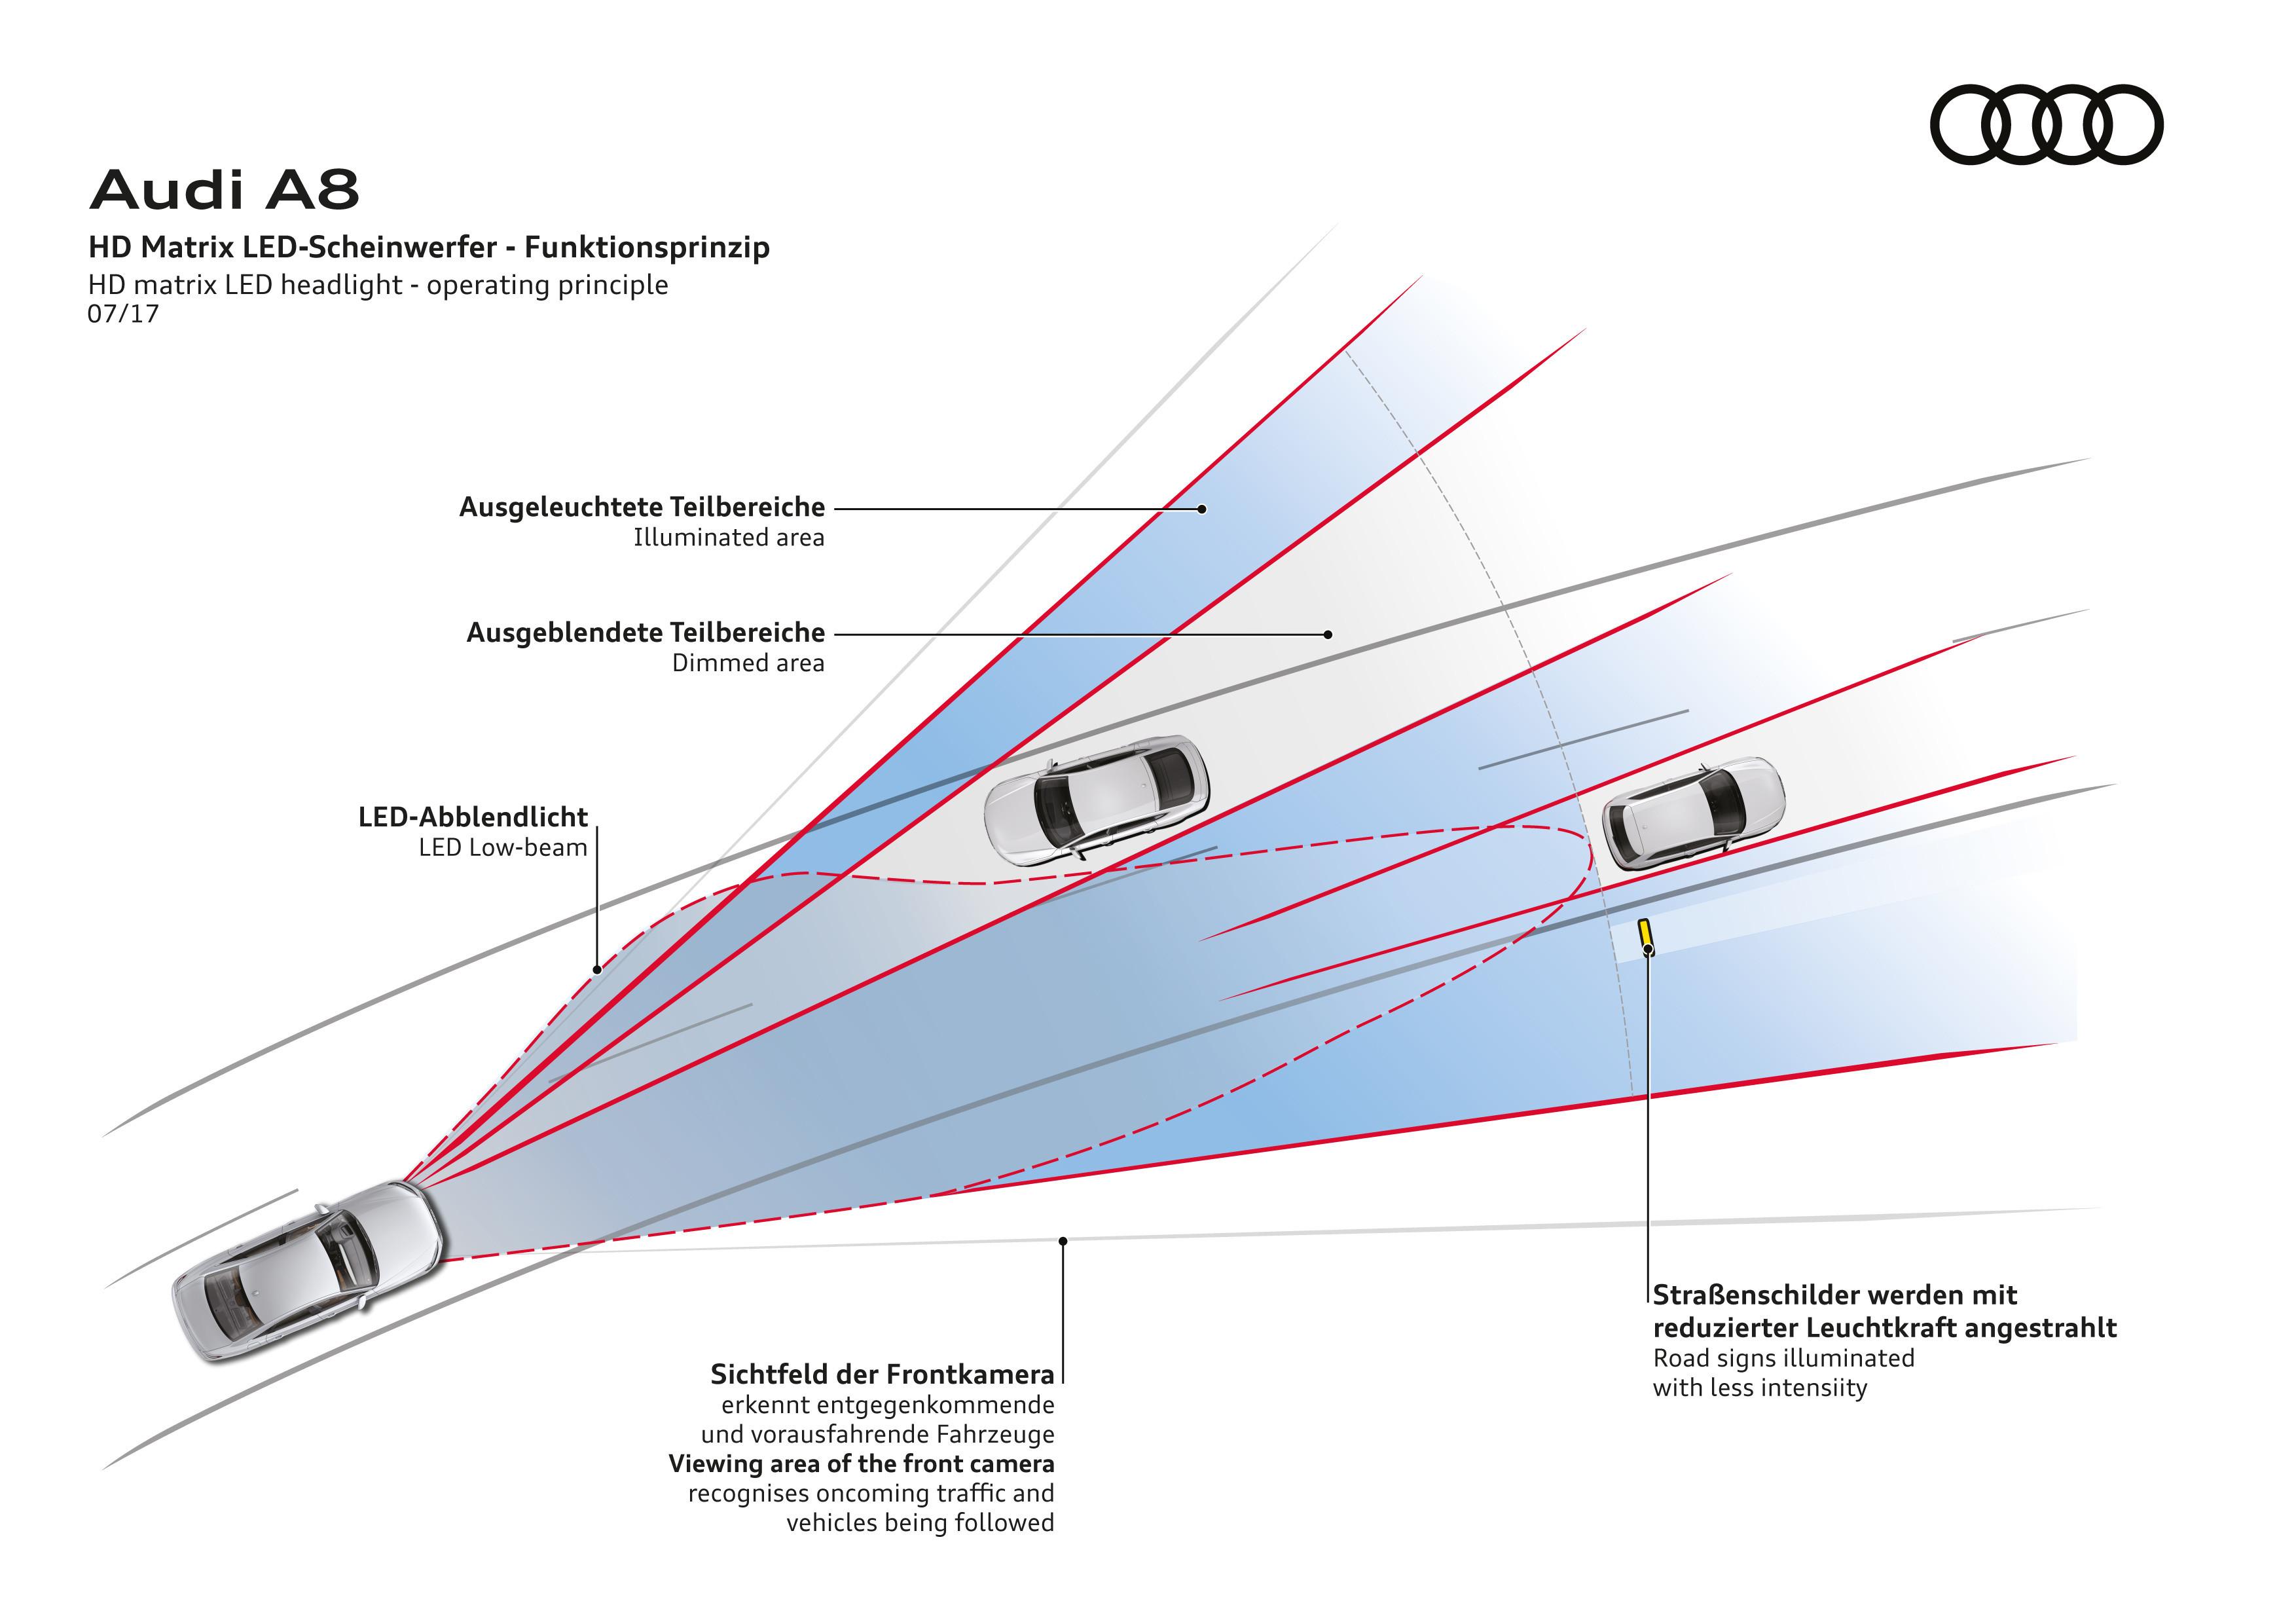 Czym się różnią halogeny od ksenonów, LED-ów i laserów?